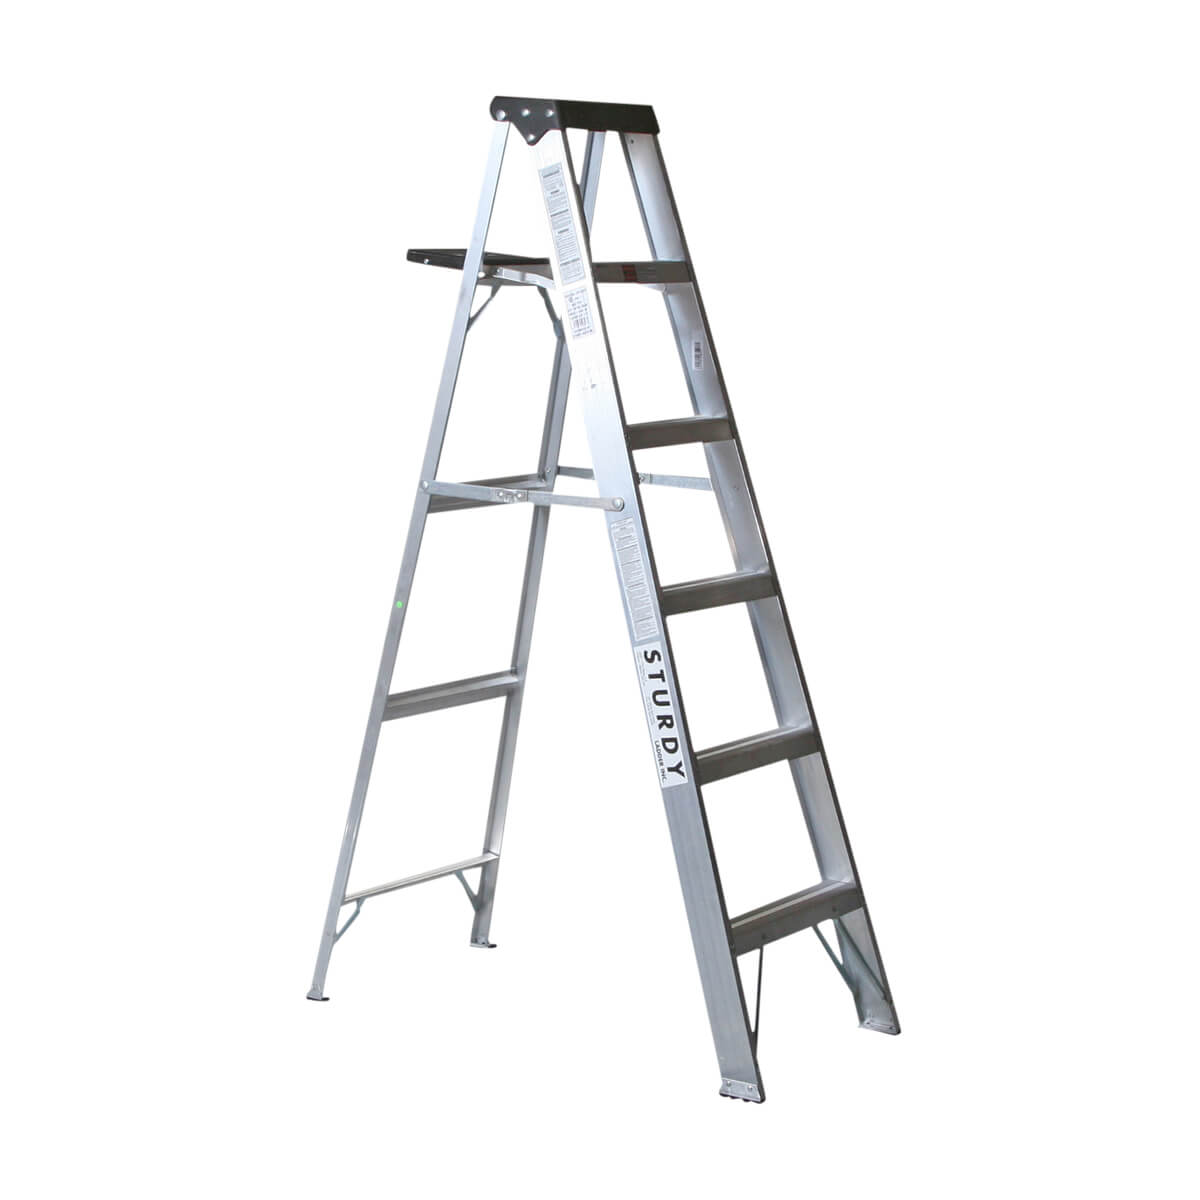 Aluminum Step Ladders  - 6'